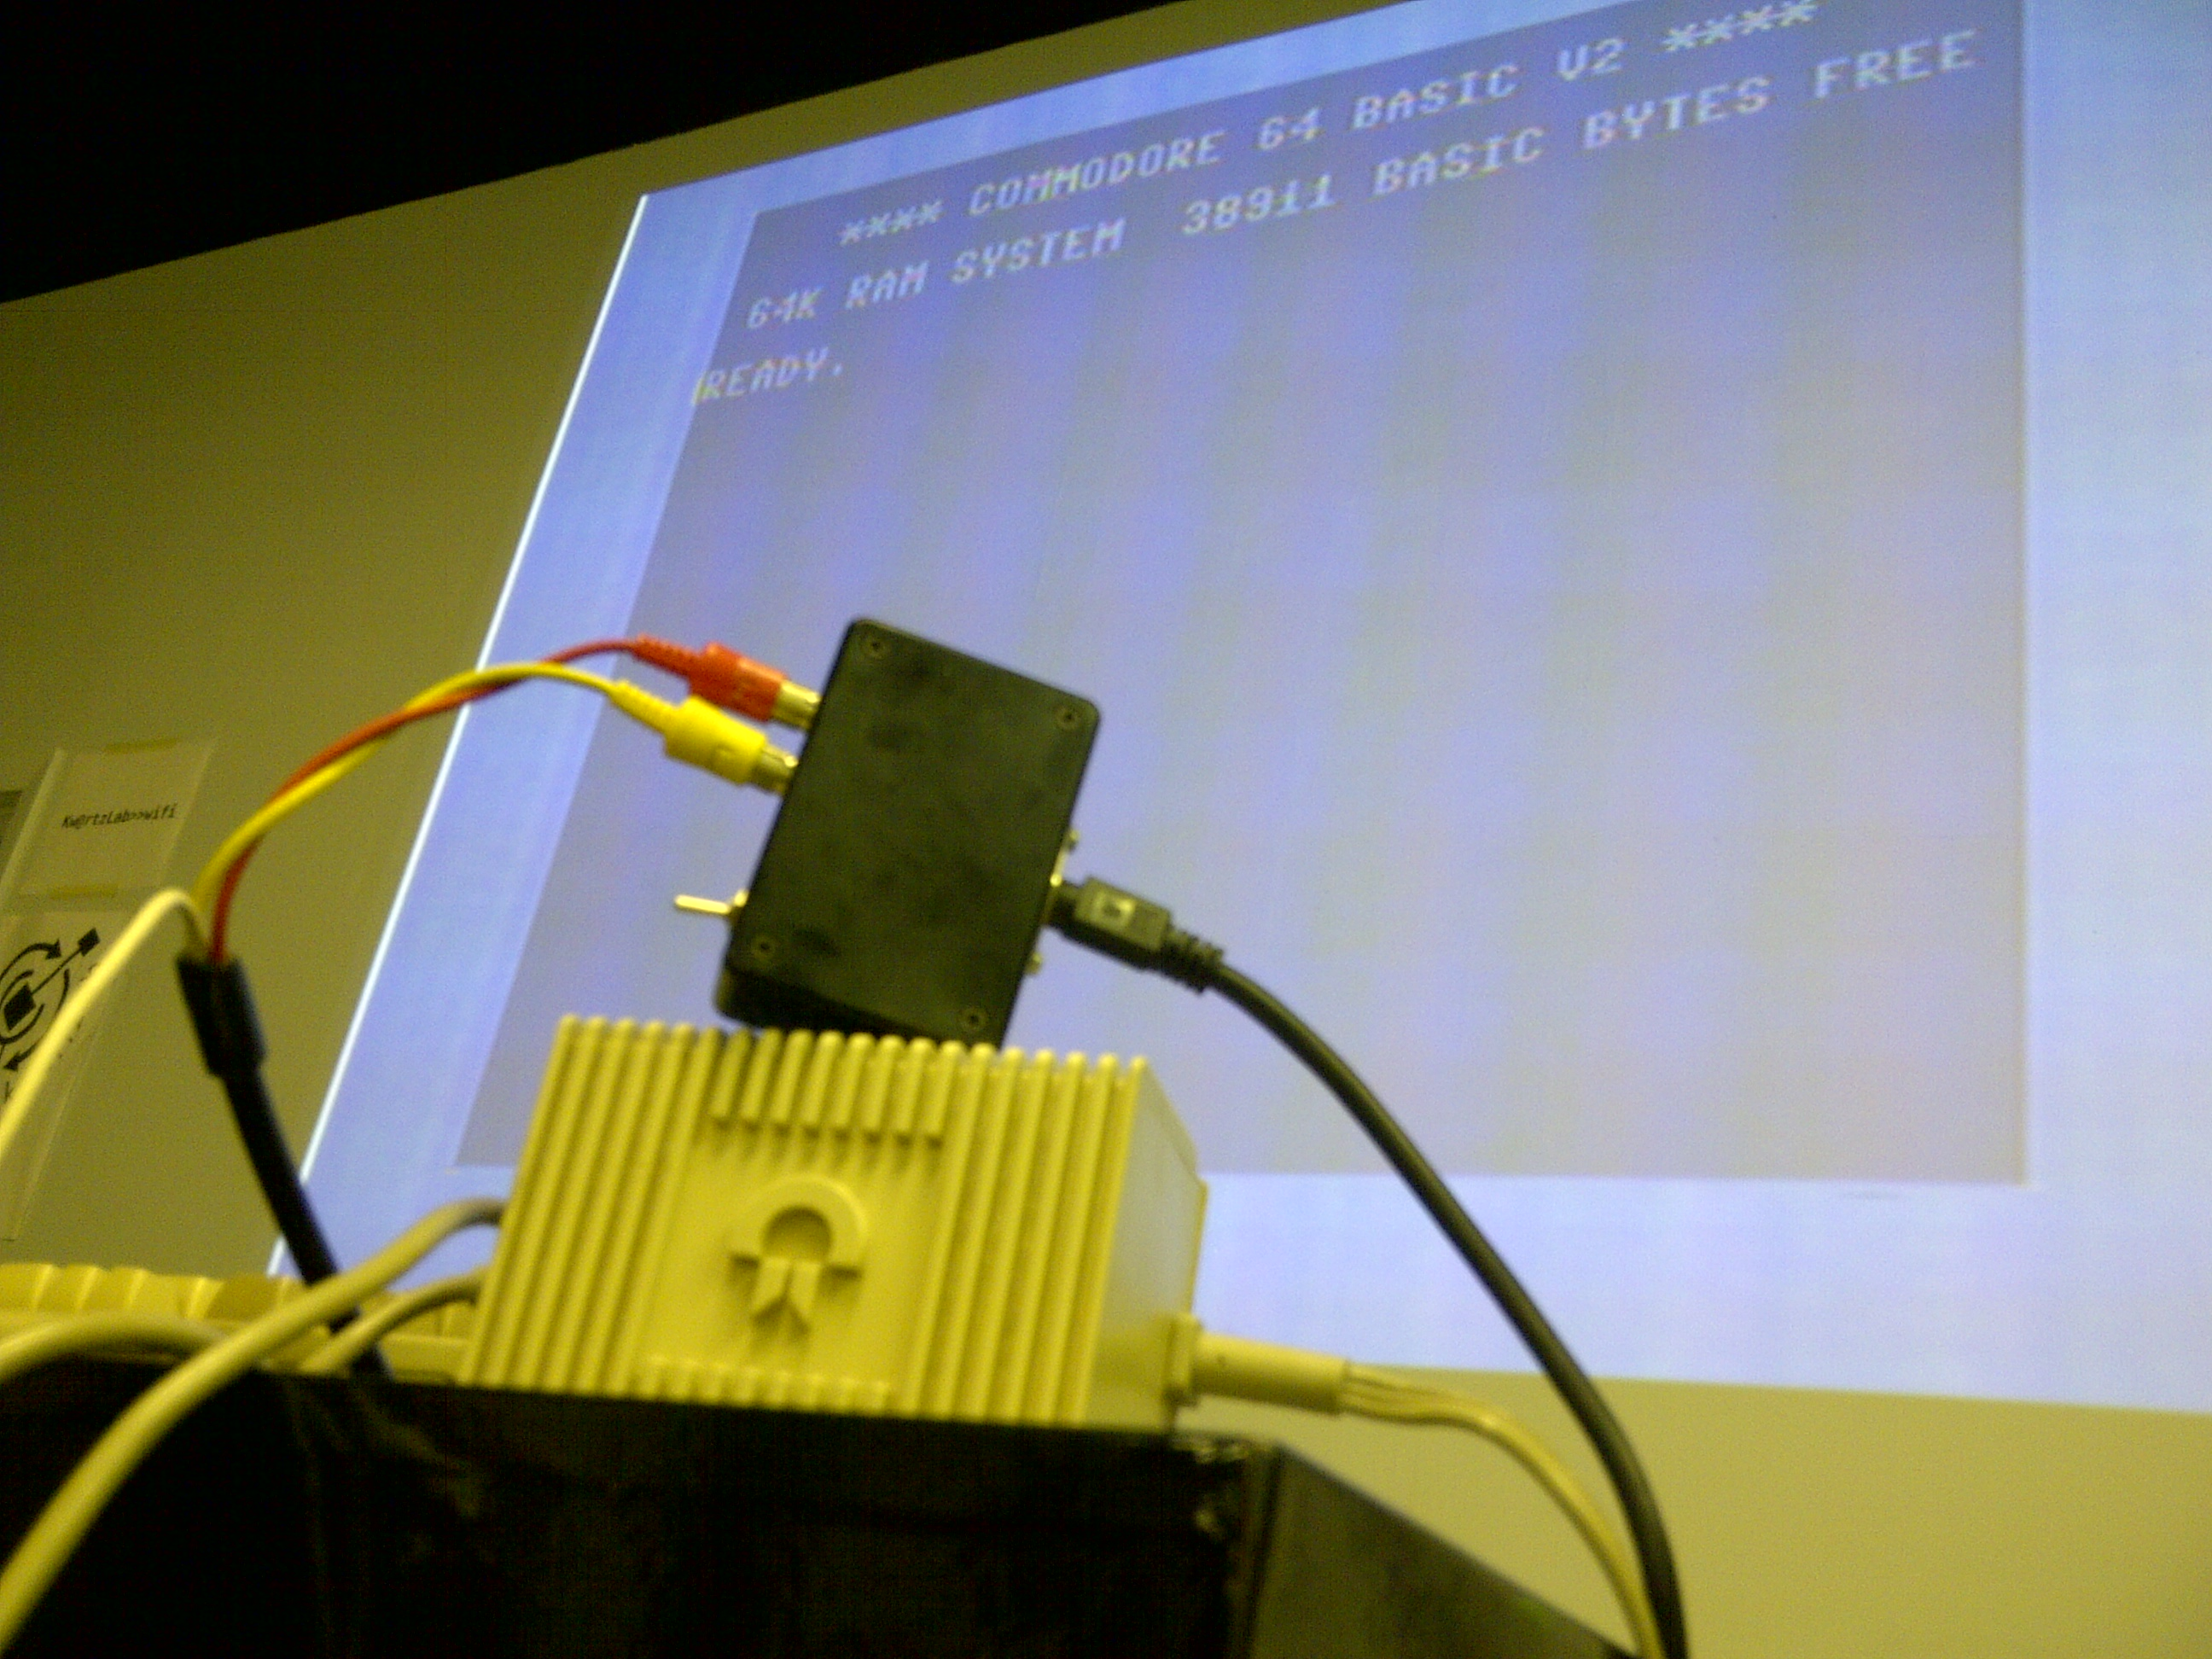 Kwartzlab Circuit Bending Making Music By Rewiring Devices And Toys Kitchener 20110104 00121